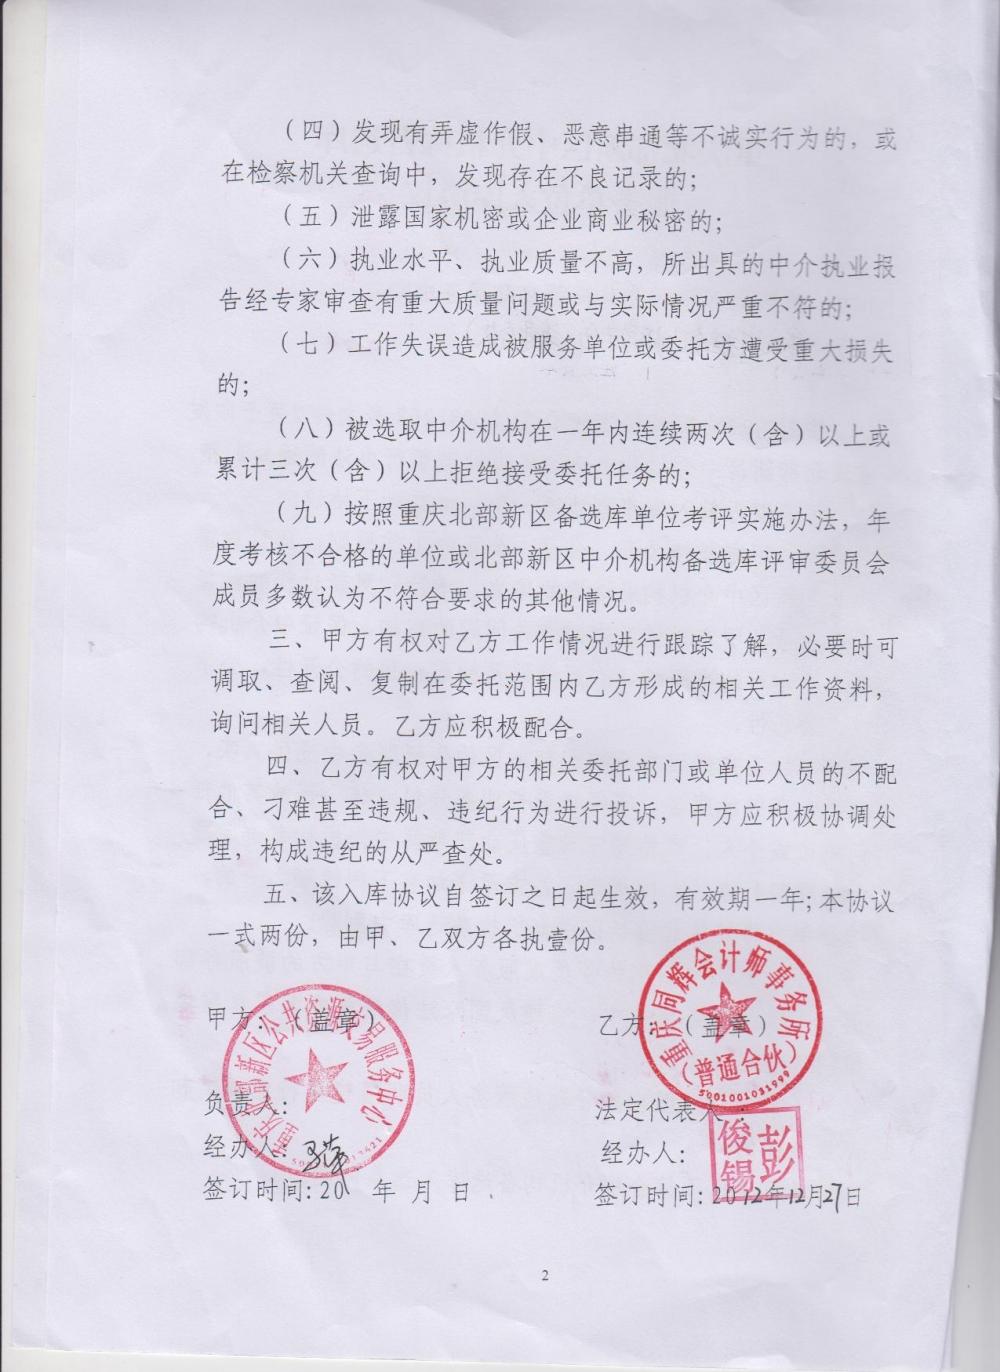 重庆北部新区中介机构备选库服务单位入库协议